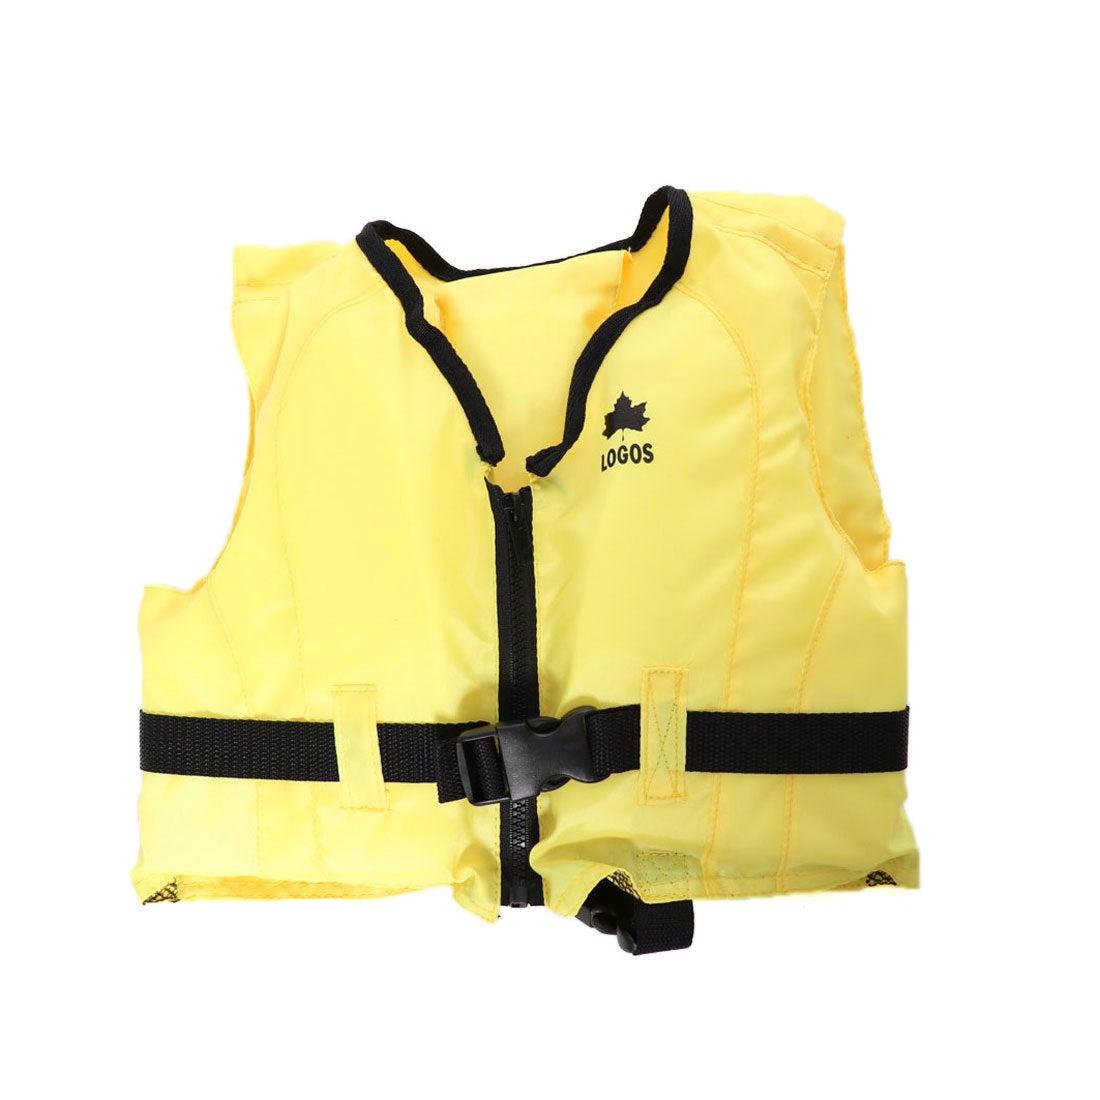 ロゴス LOGOS マリン ライフジャケット フローティングピローベスト子供用 66812300